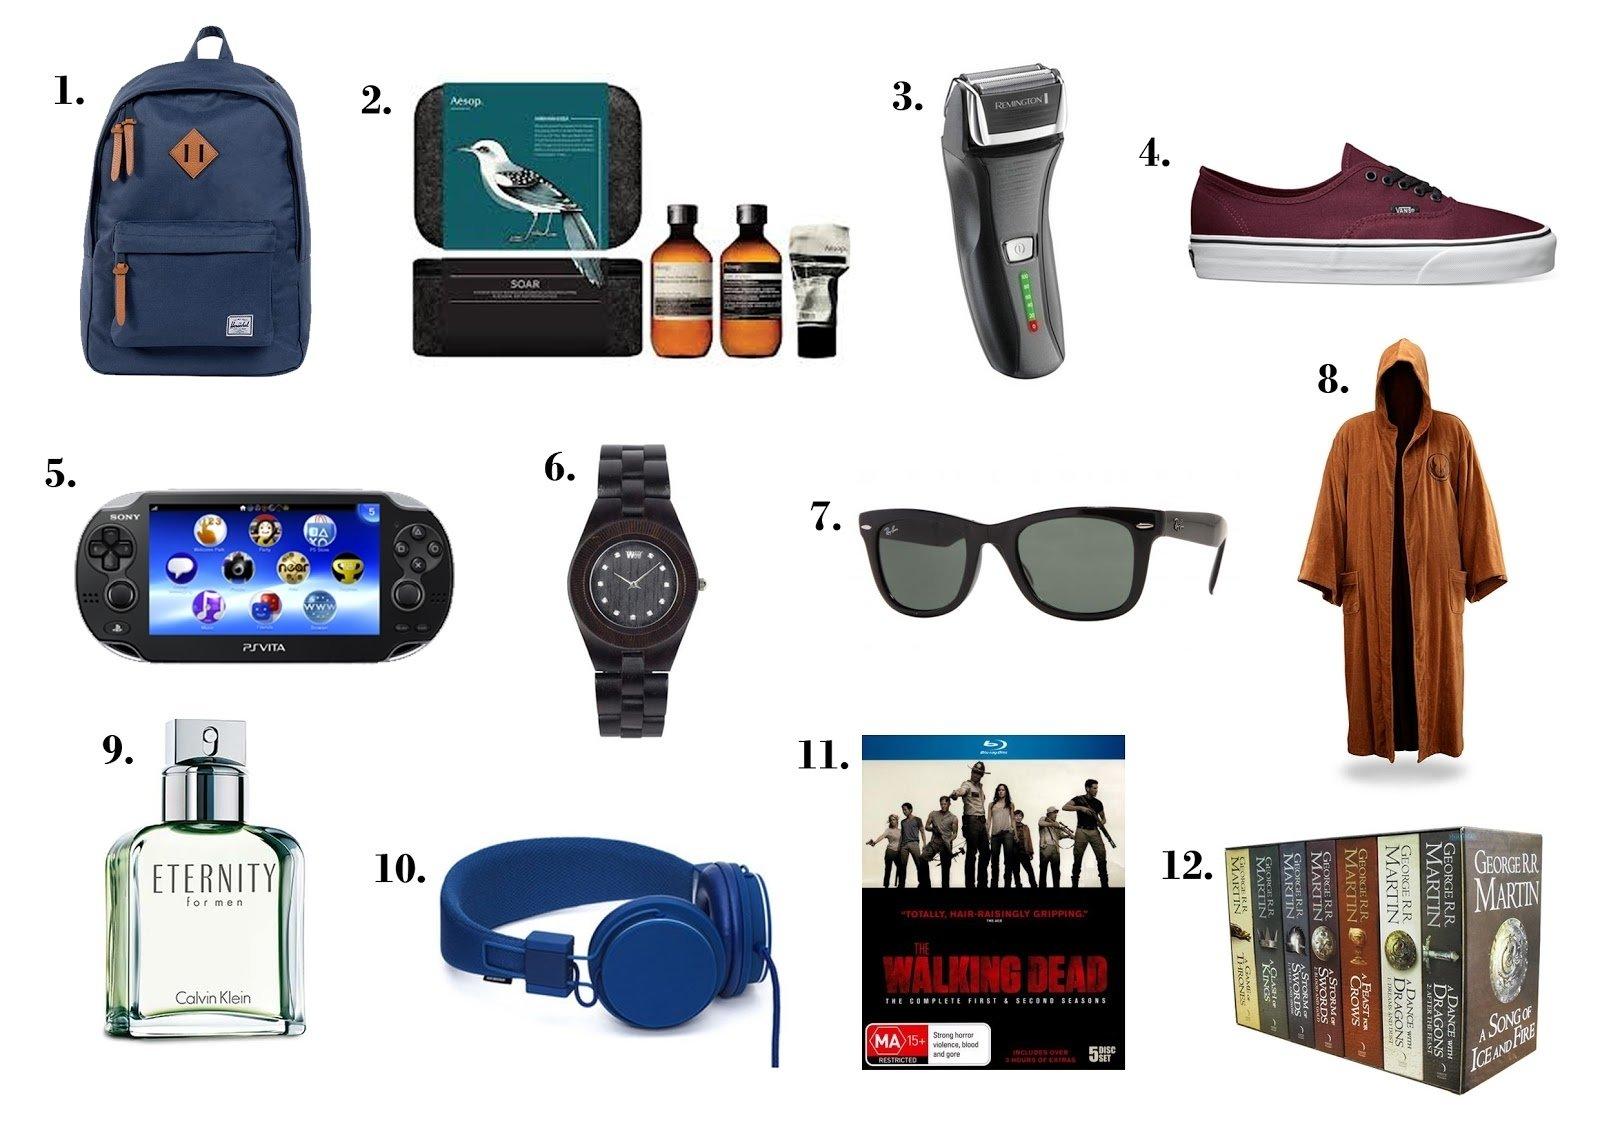 10 Wonderful Fun Gift Ideas For Men gifts for men gift for guys pinterest 2021